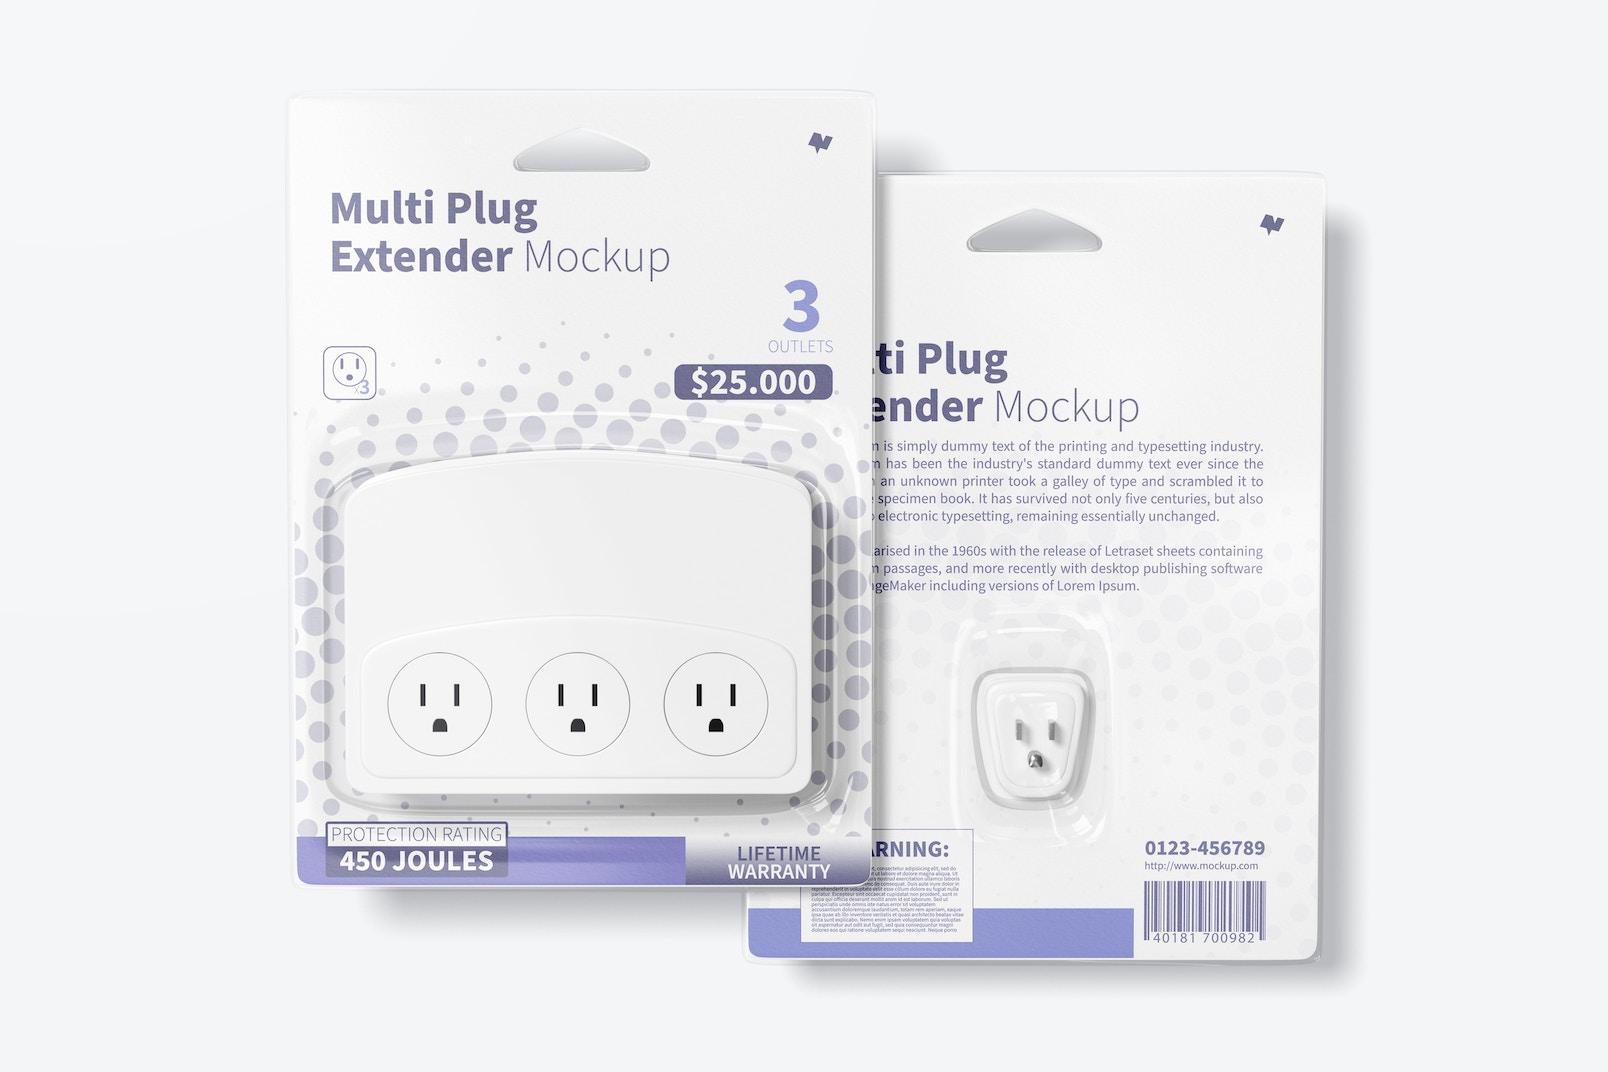 Multi Plug Extender Mockup